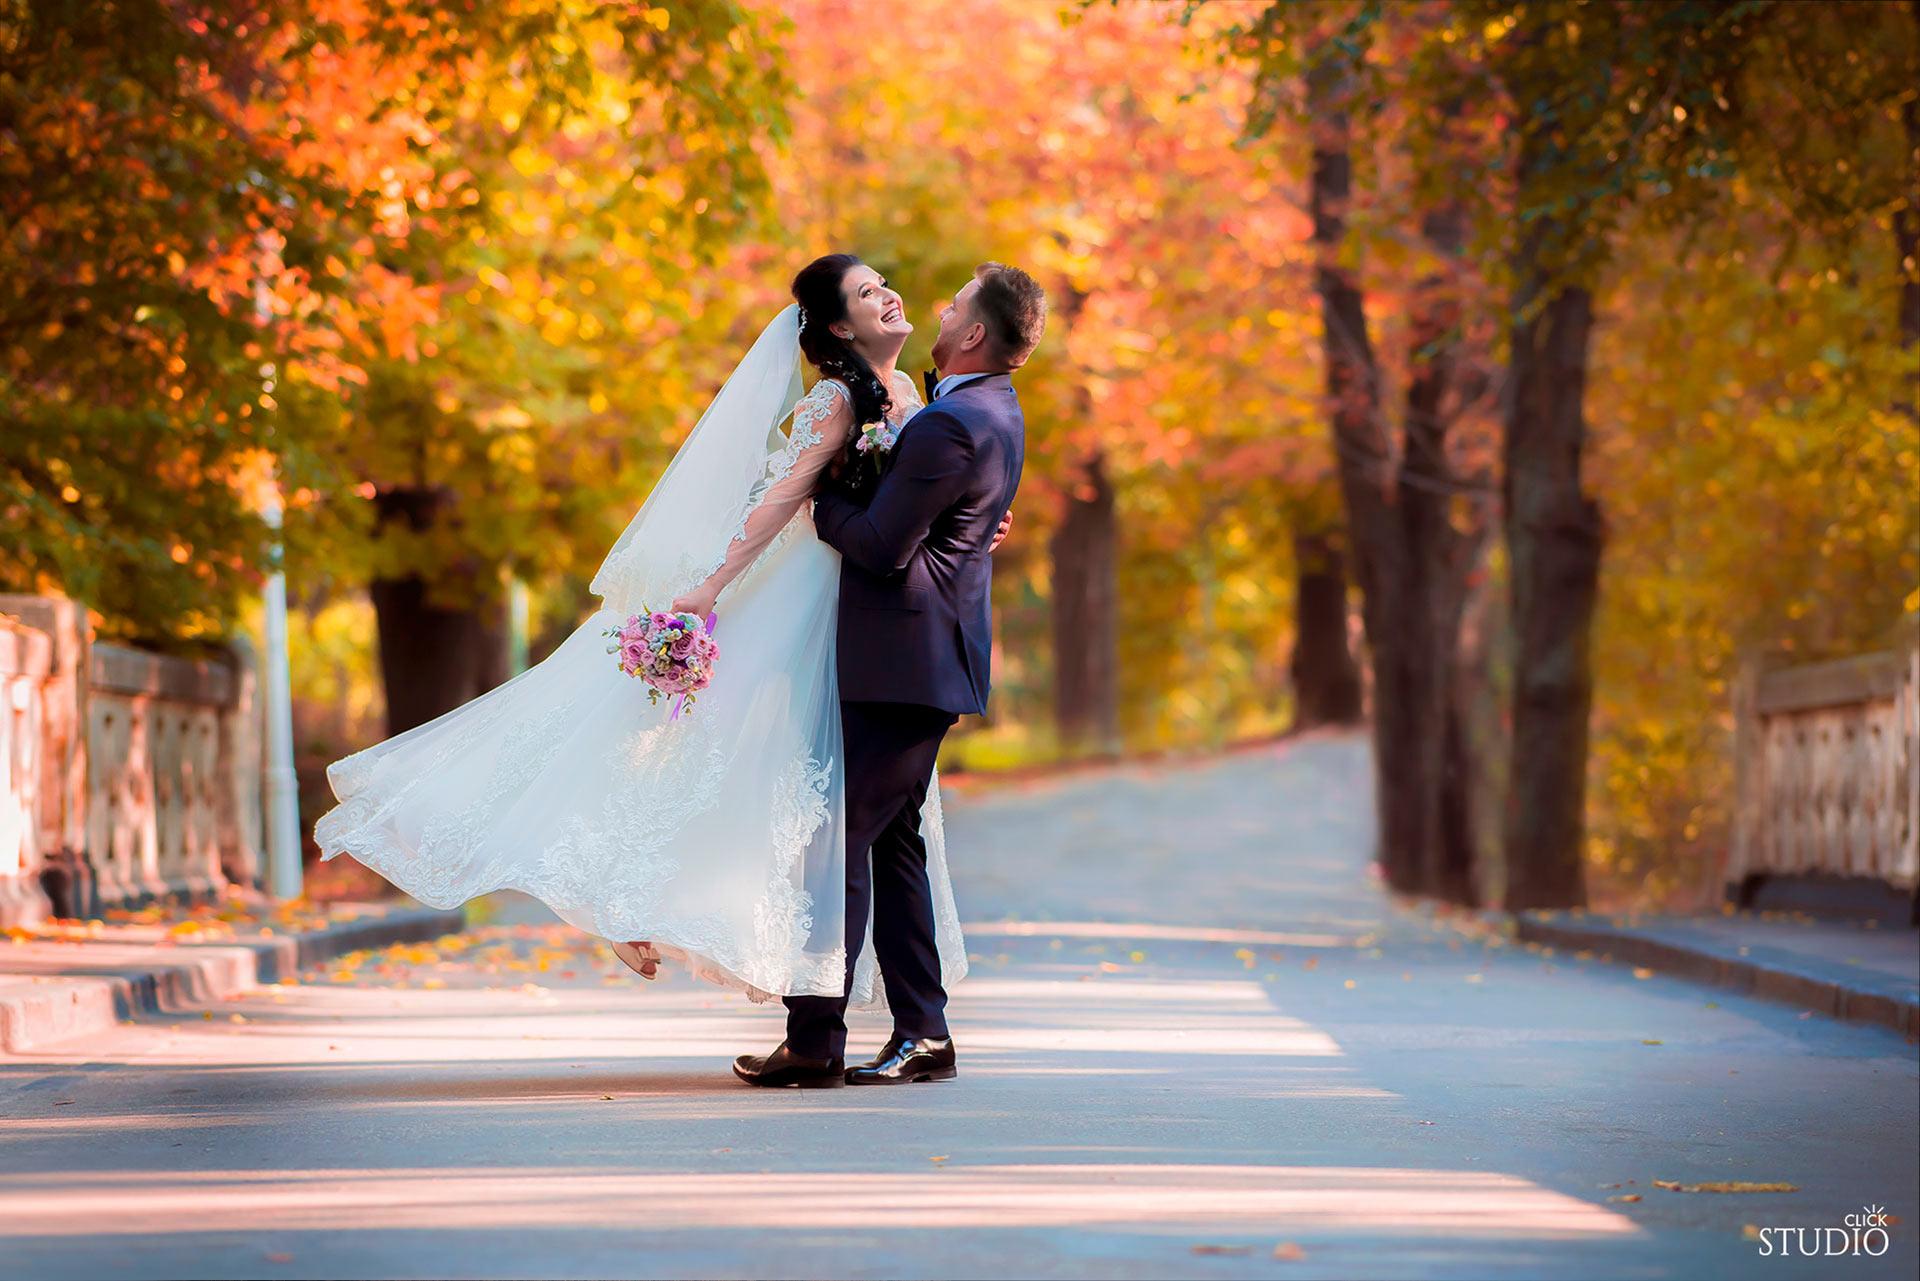 fotograf videograf nunta